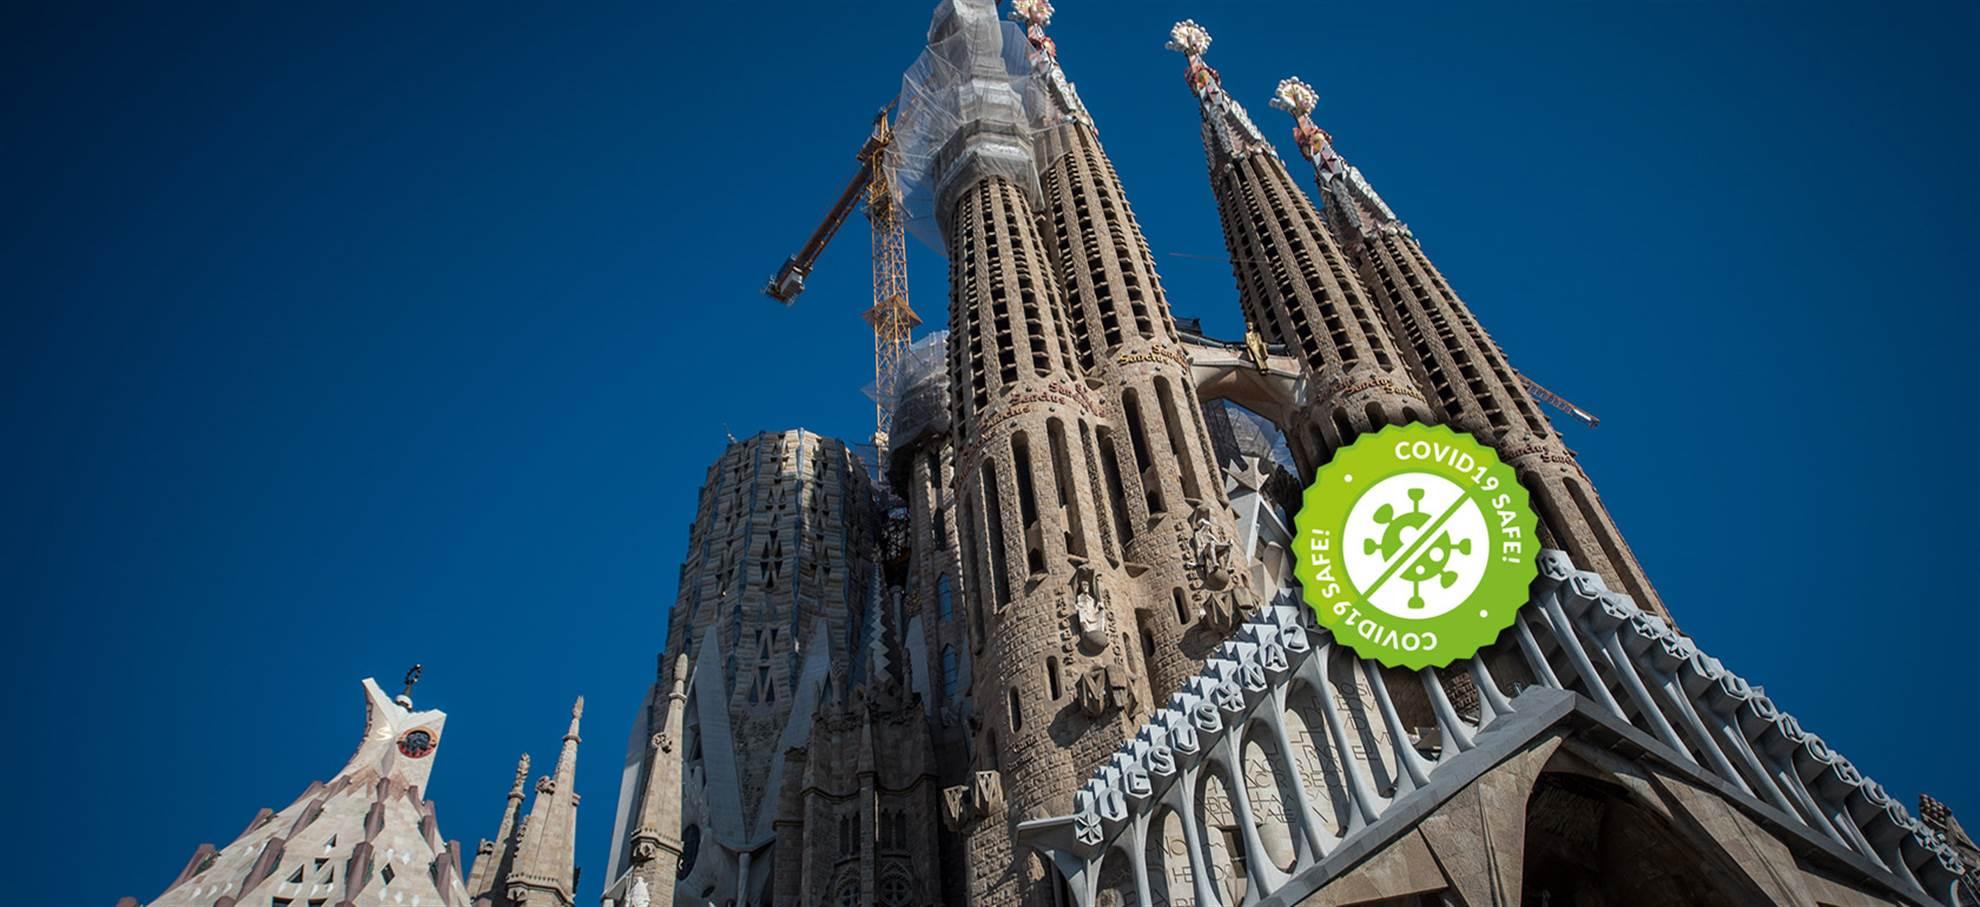 Sagrada Familia Geführte detailbesichtigung von aussen